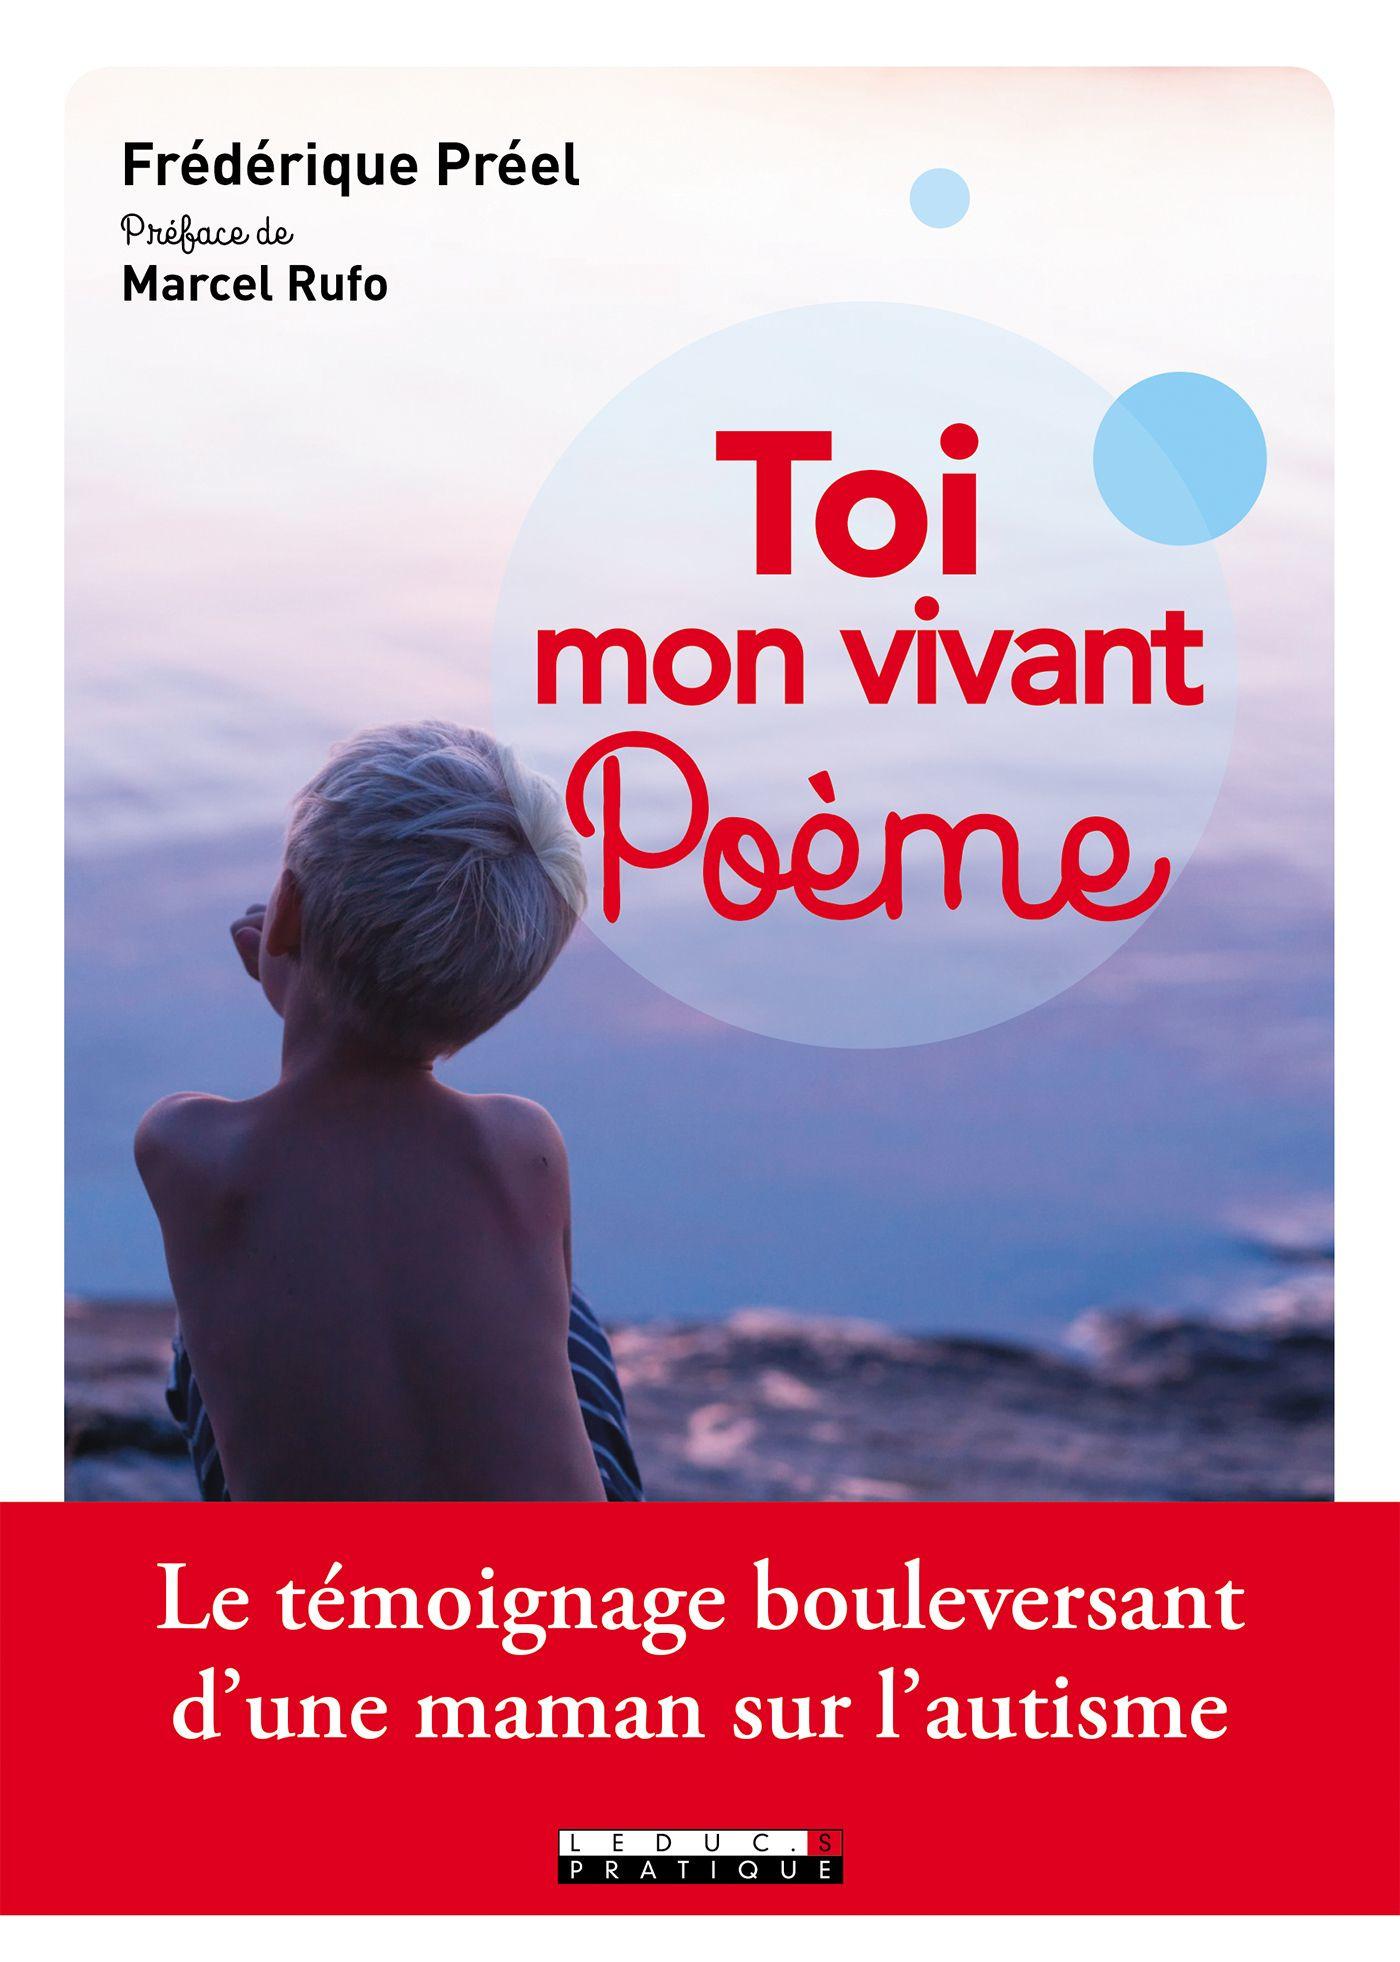 Toi mon vivant poème, LE TÉMOIGNAGE BOULEVERSANT D'UNE MAMAN SUR L'AUTISME